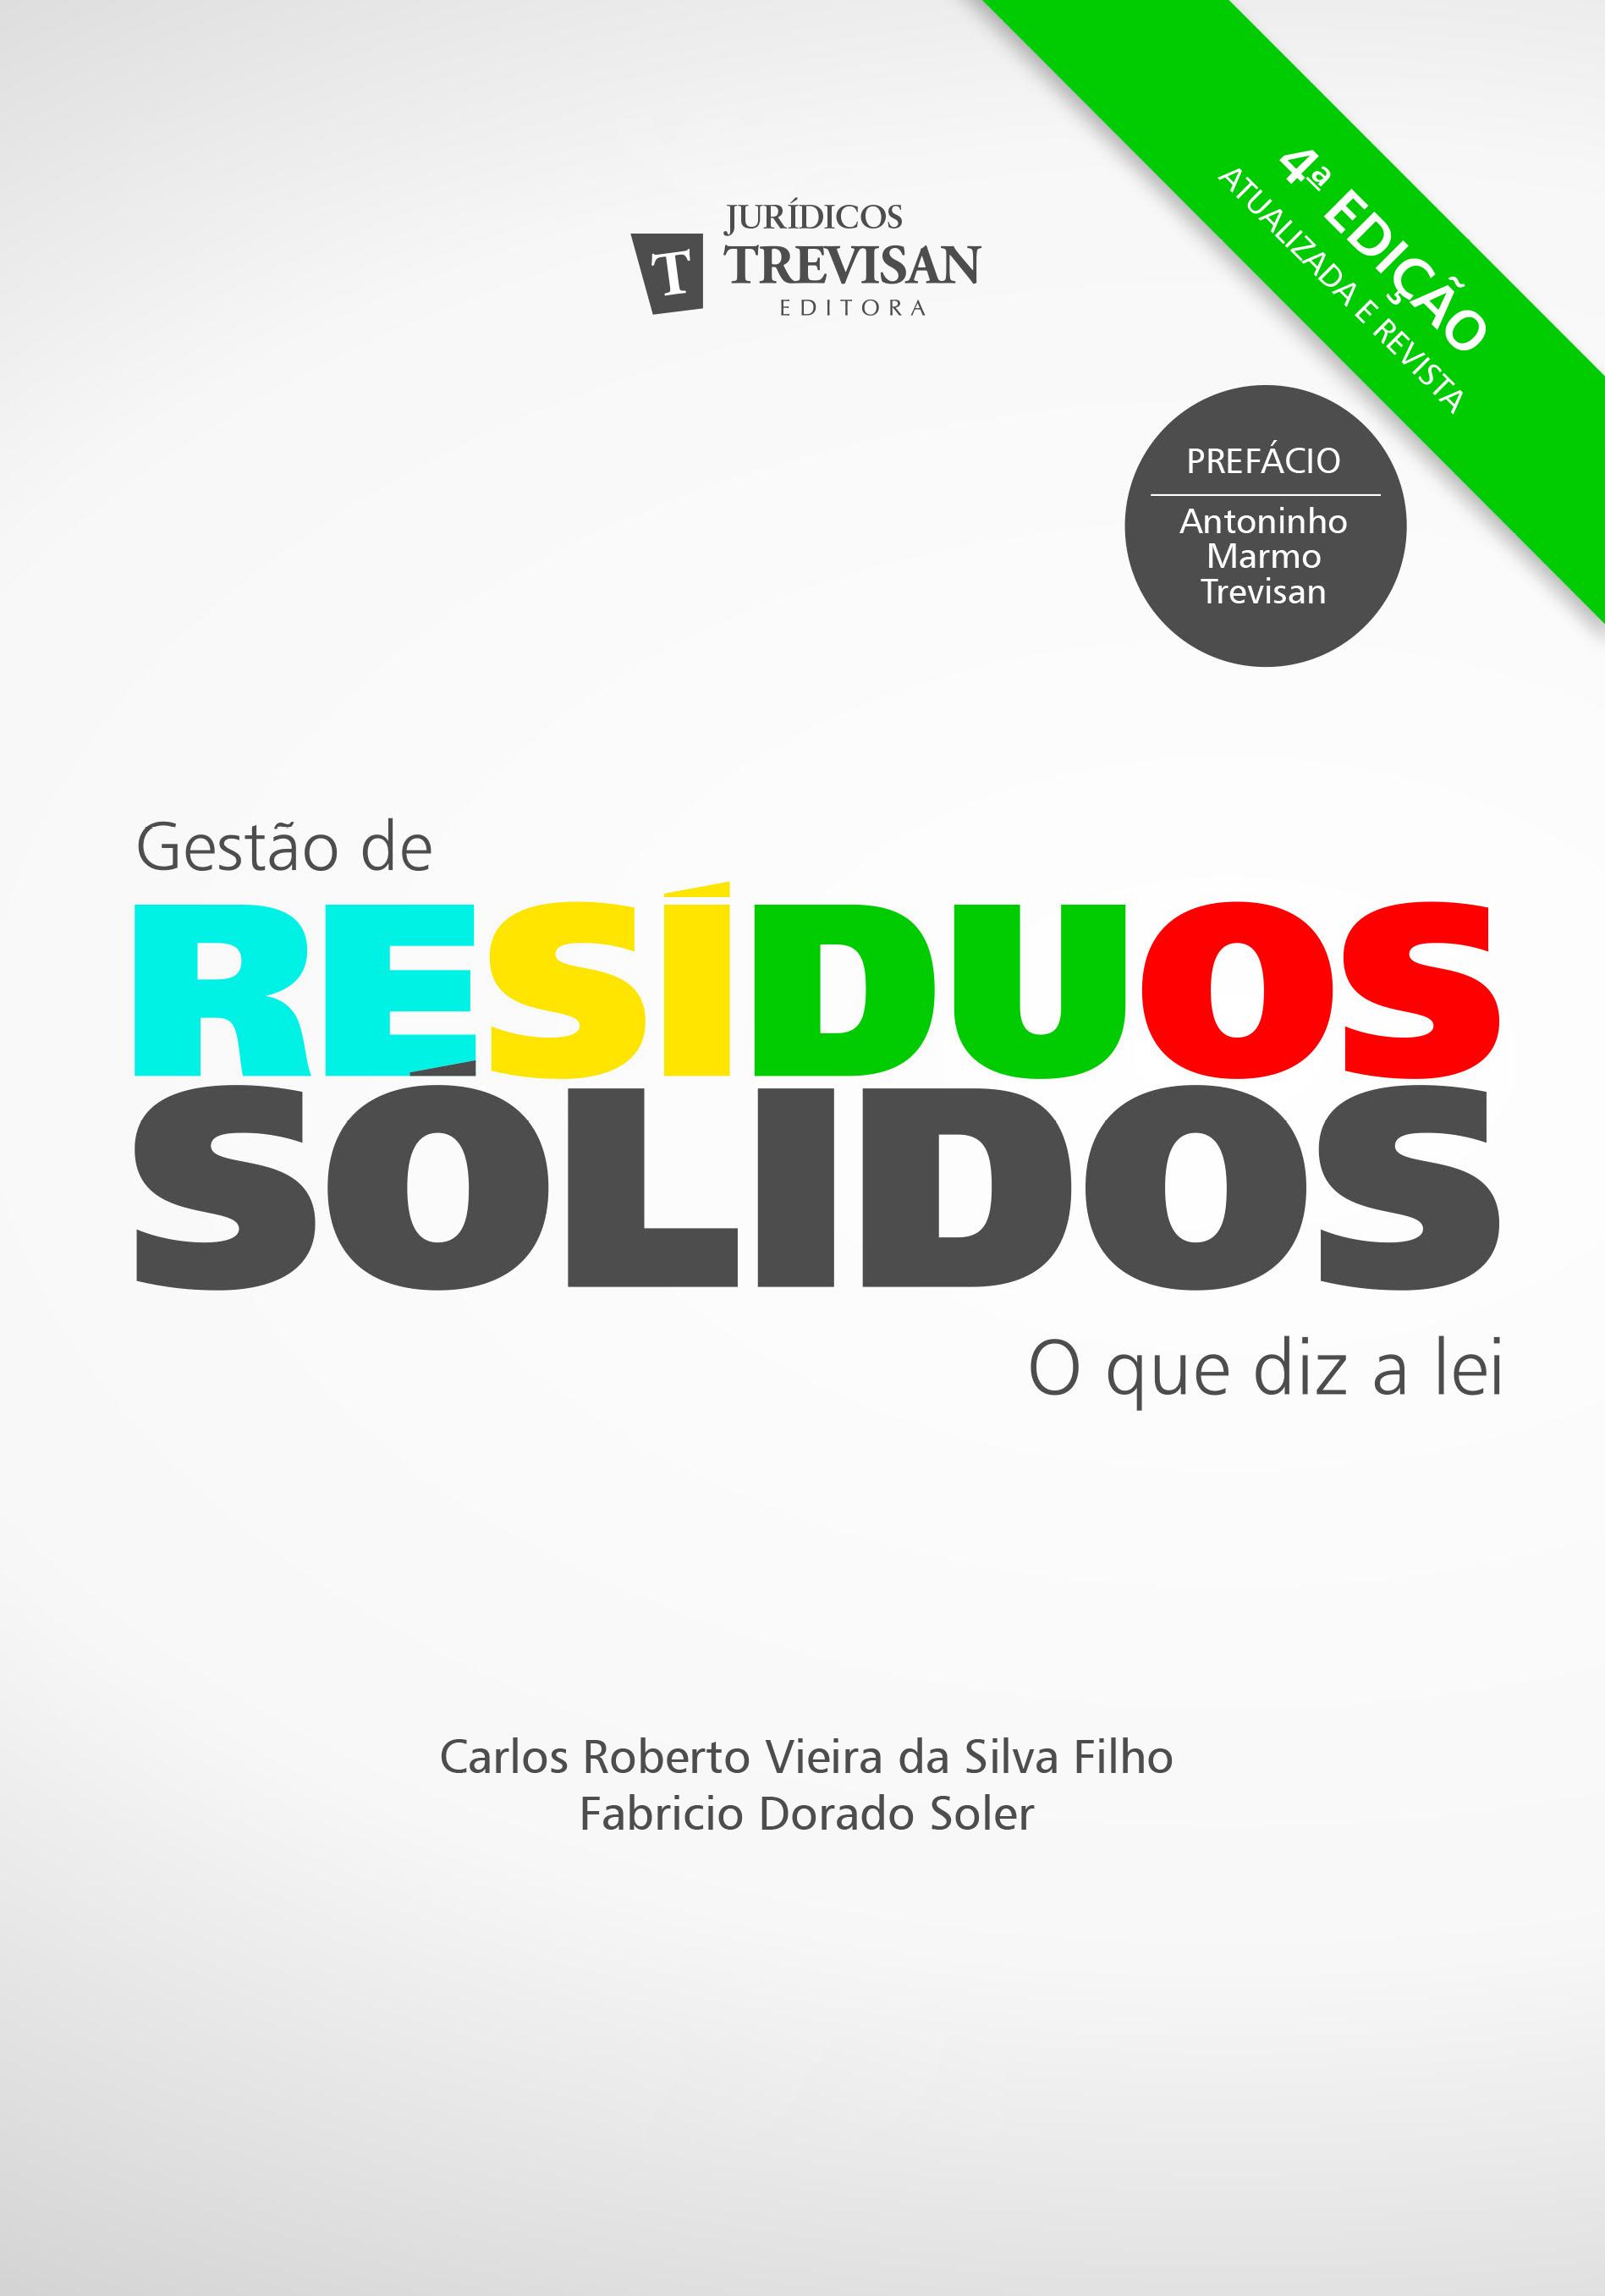 Gestão de Resíduos Sólidos - 4ª edição